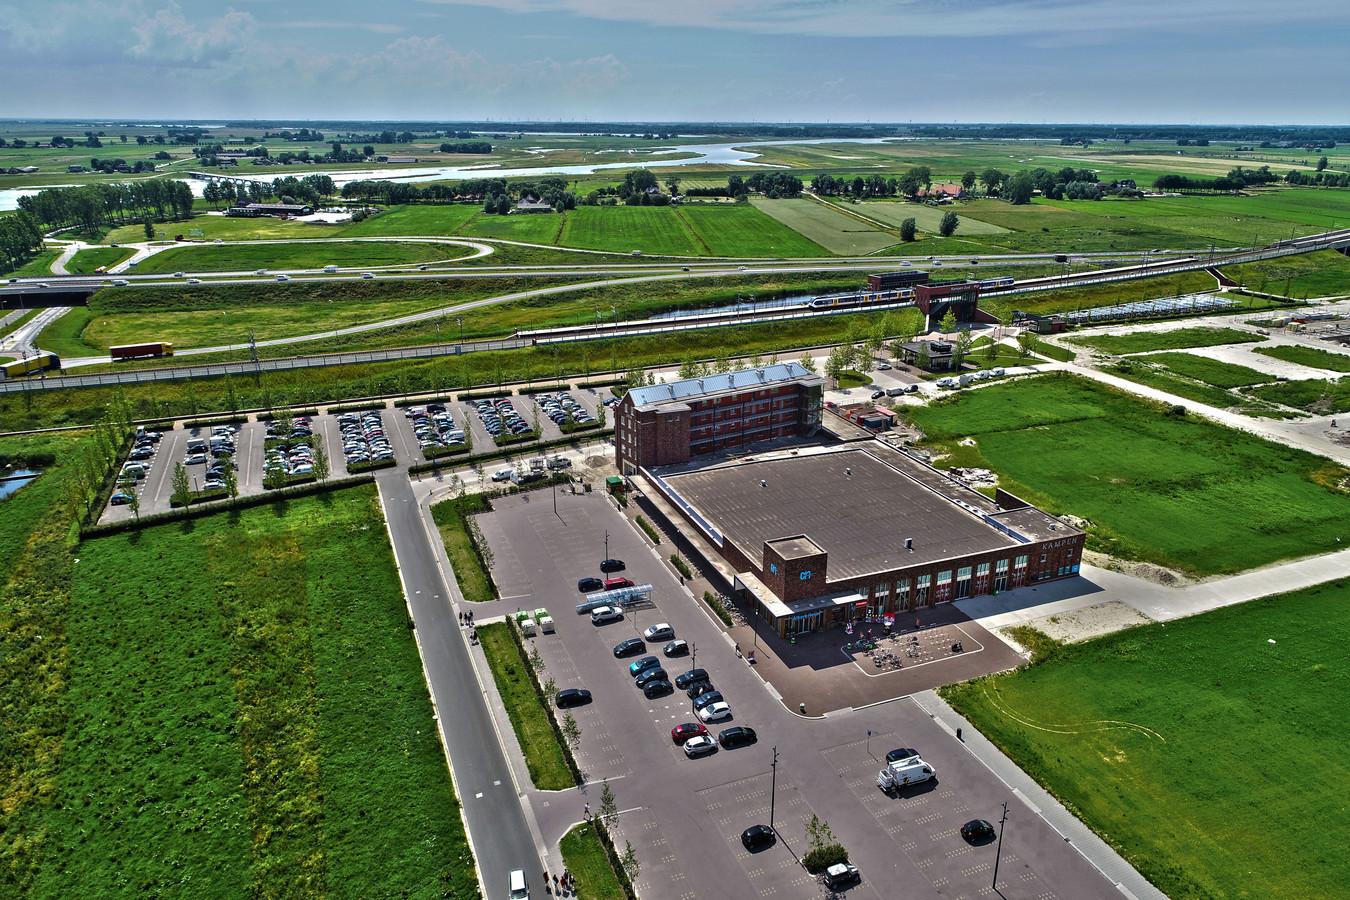 Station Kampen-Zuid is in de zomer twee weken lang eindpunt voor treinen uit randstad. Gemeente Kampen verwacht parkeeroverlast en stelt daarom verbod en blauwe zone in rondom Albert Heijn.